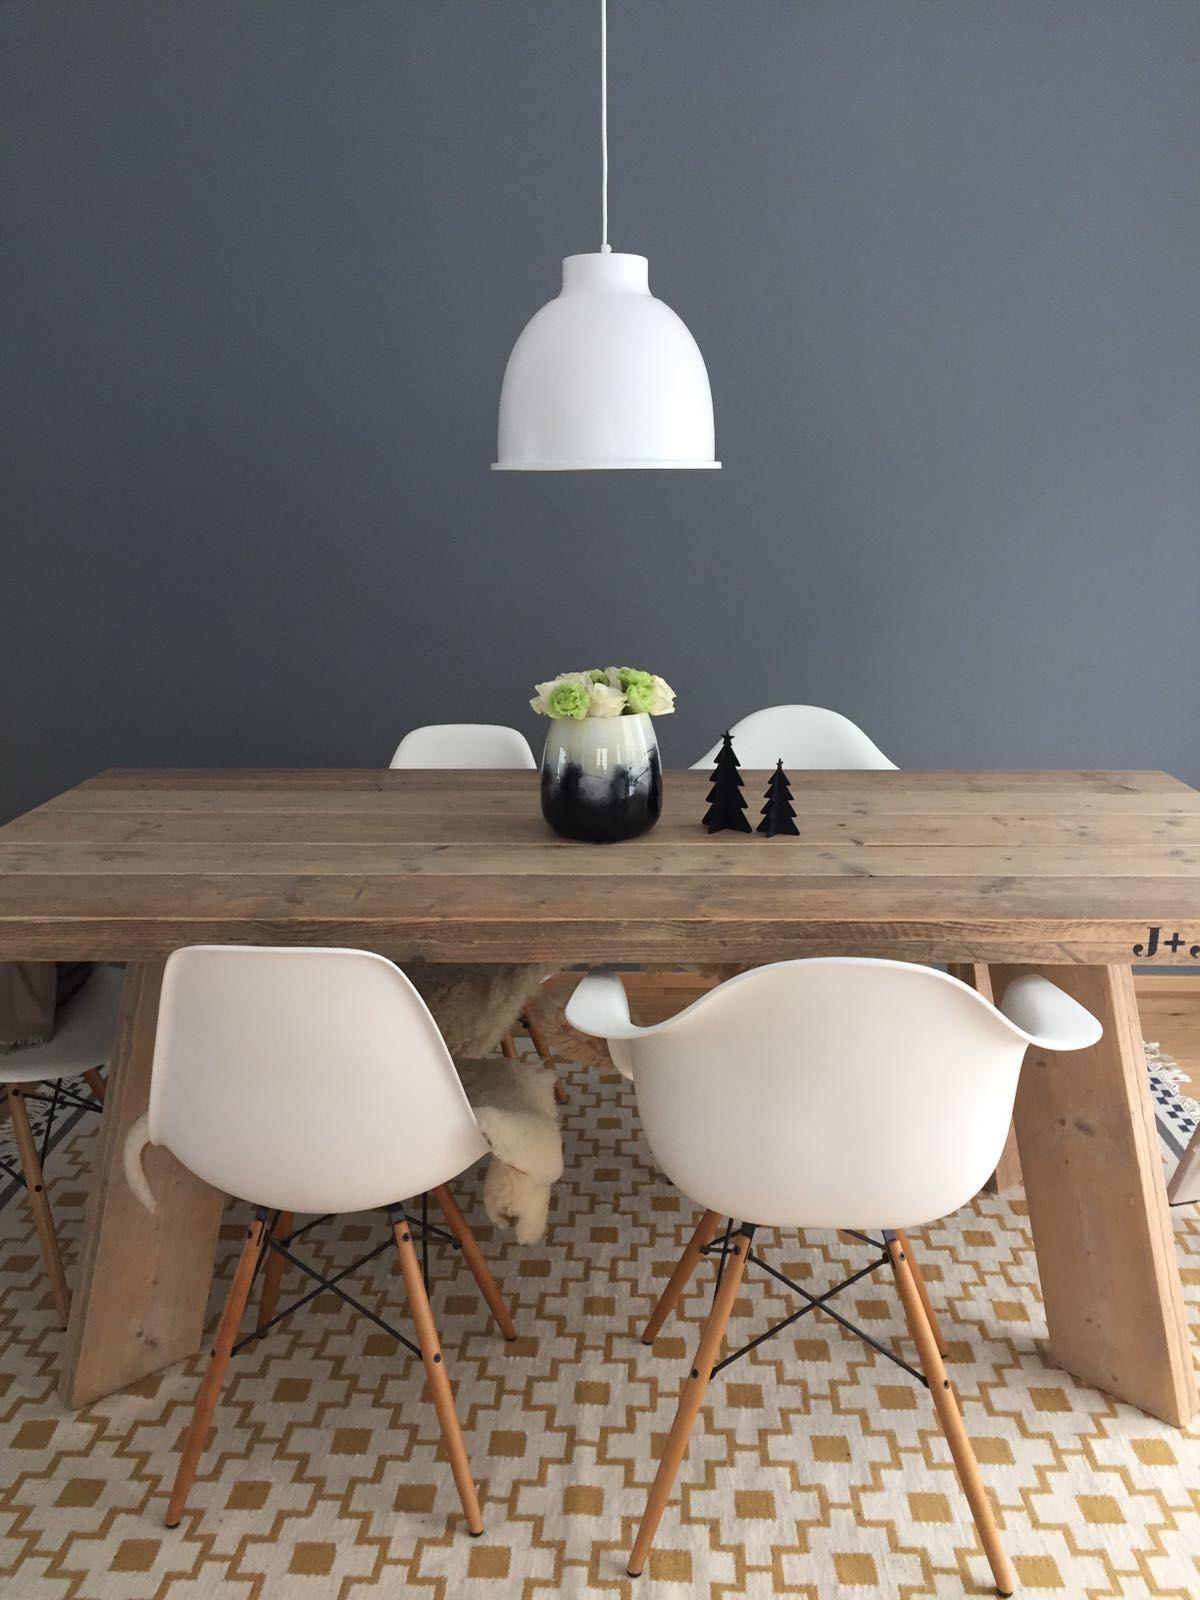 Ikea Weihnachtsdeko die schönsten ideen für teppiche ikea